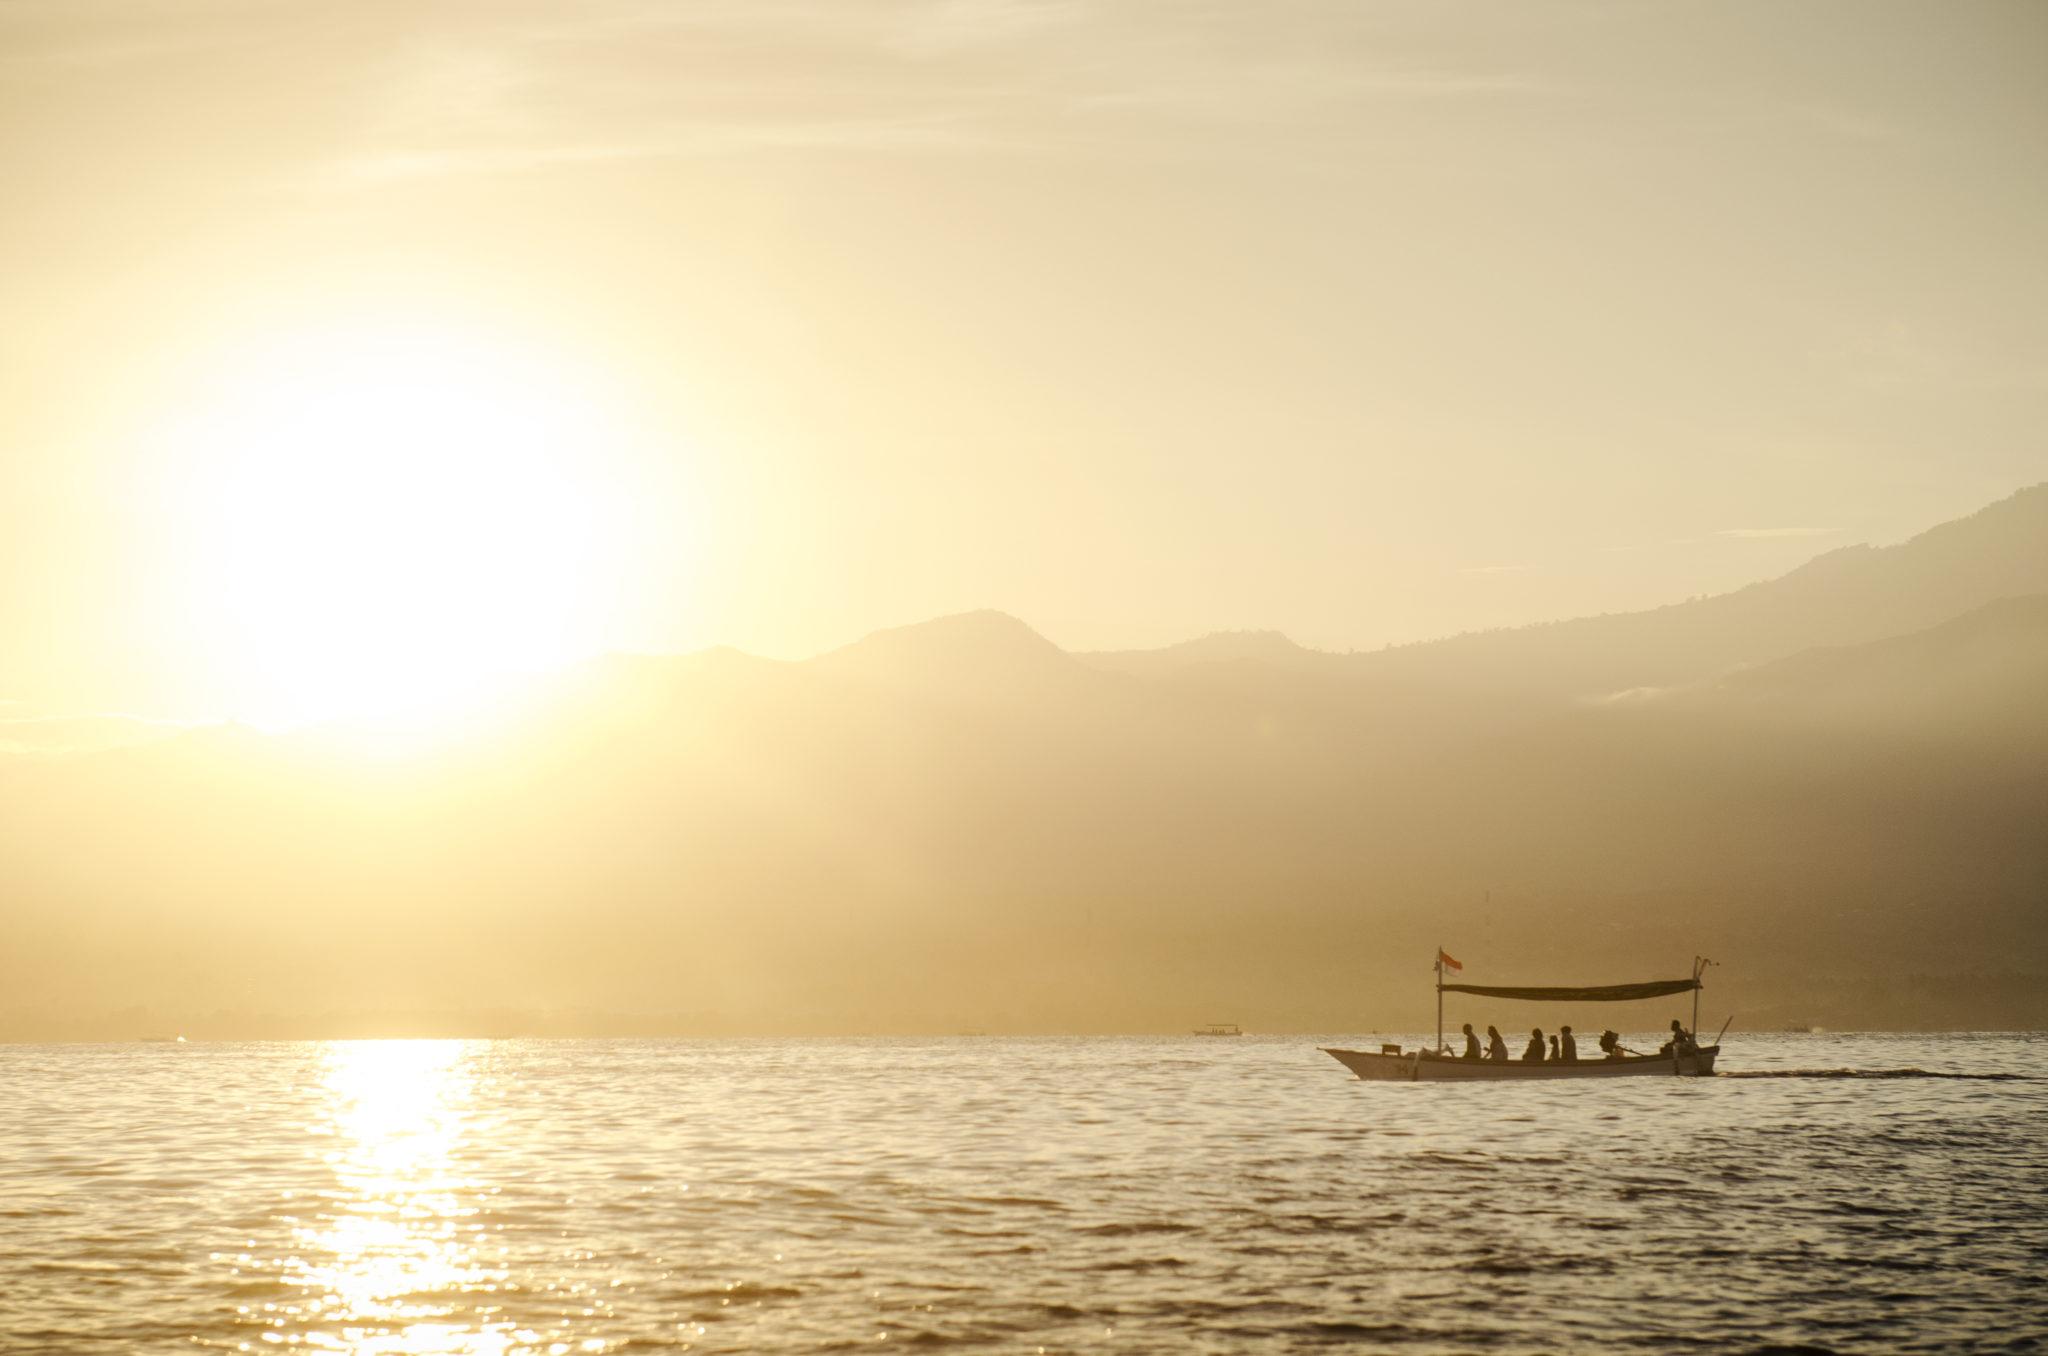 Indonesien Reisen: Alle Reisetipps und Sehenswürdigkeiten